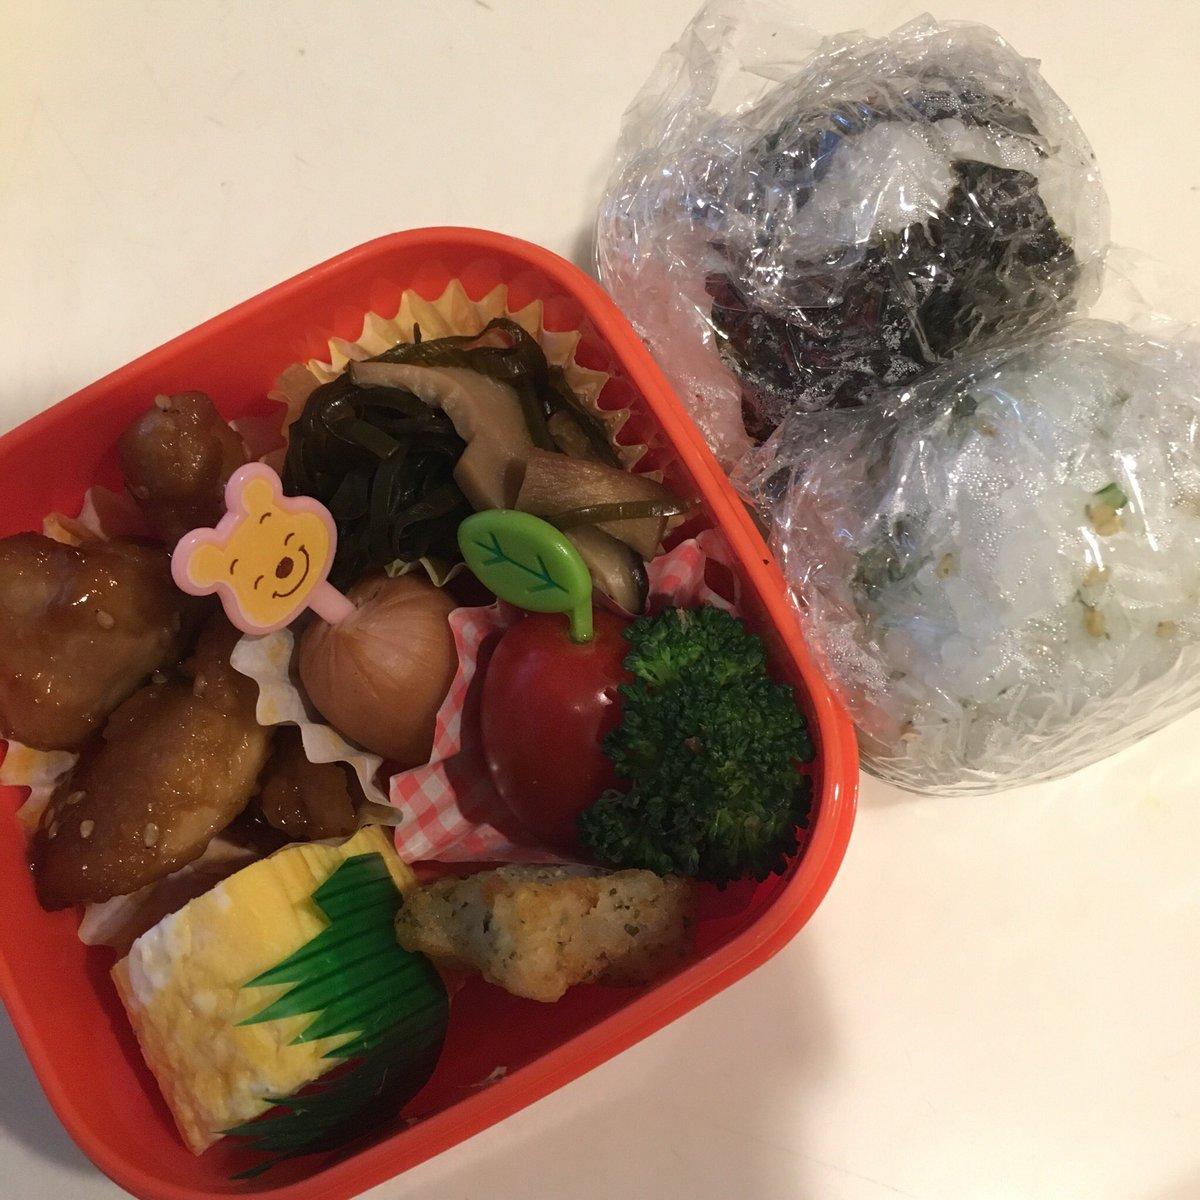 test ツイッターメディア - #OnigiriAction  早朝から起こされたので、せっかくだからお弁当作りました。 今日は児童館か公園か…どこへ行こうかね…(ヽ´ω`)  長男のお弁当 https://t.co/Uesz6jsr2A